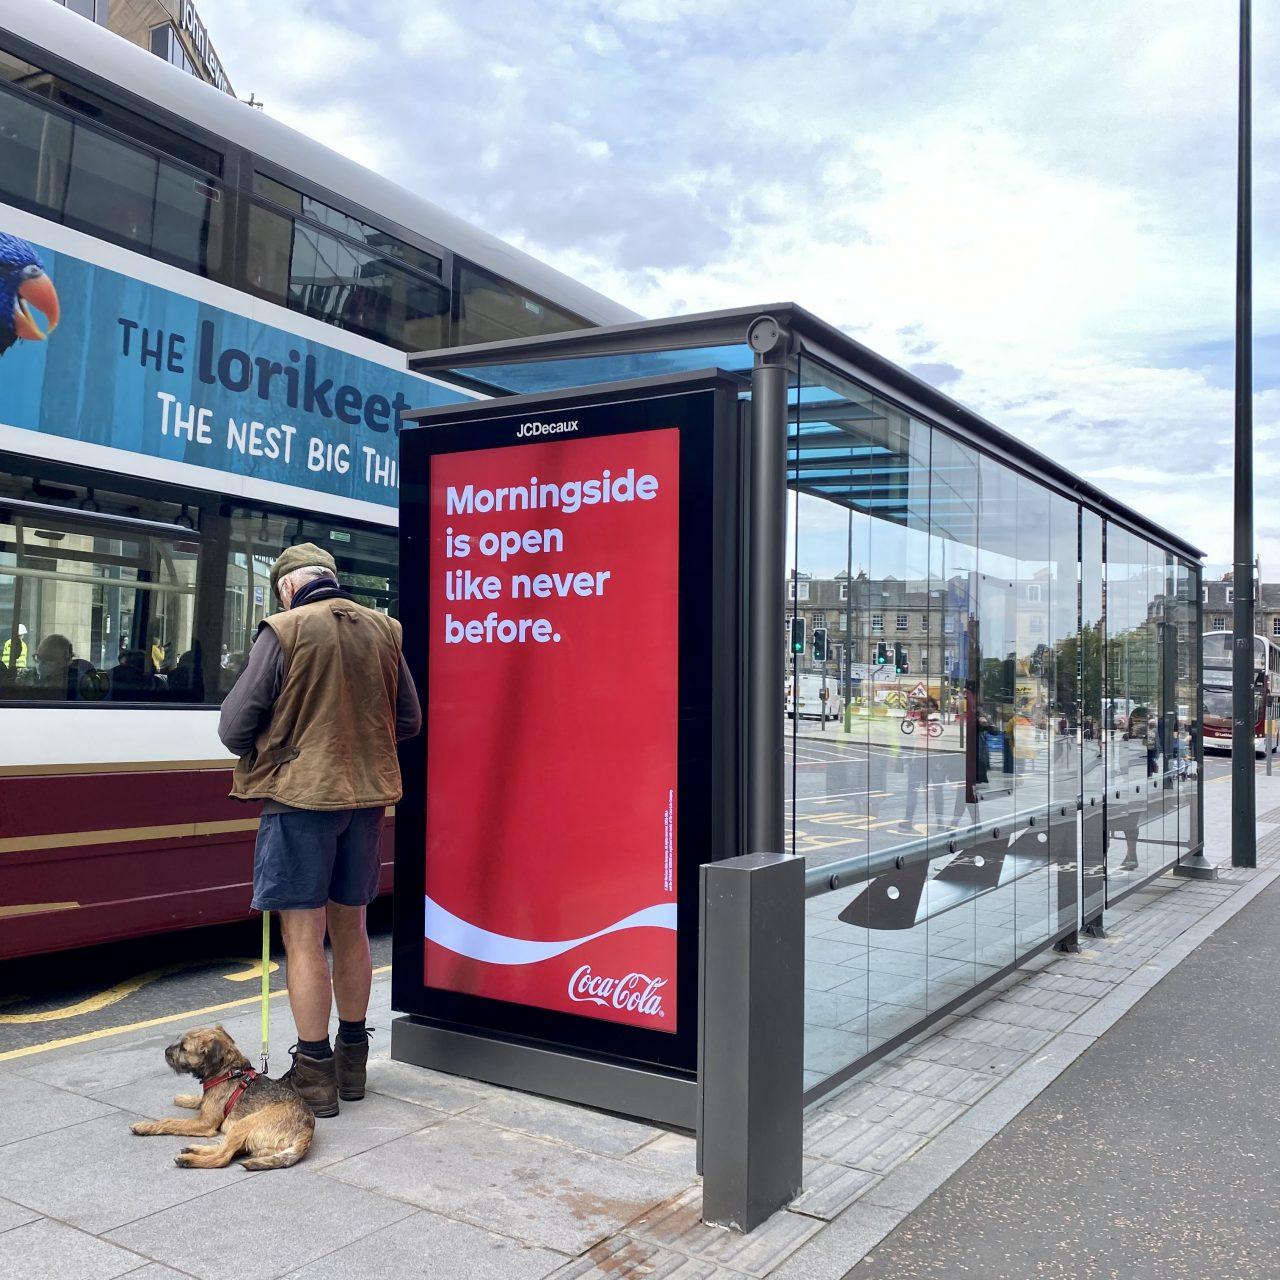 Hyper-Local: Coke's Ad Campaign in Edinburgh